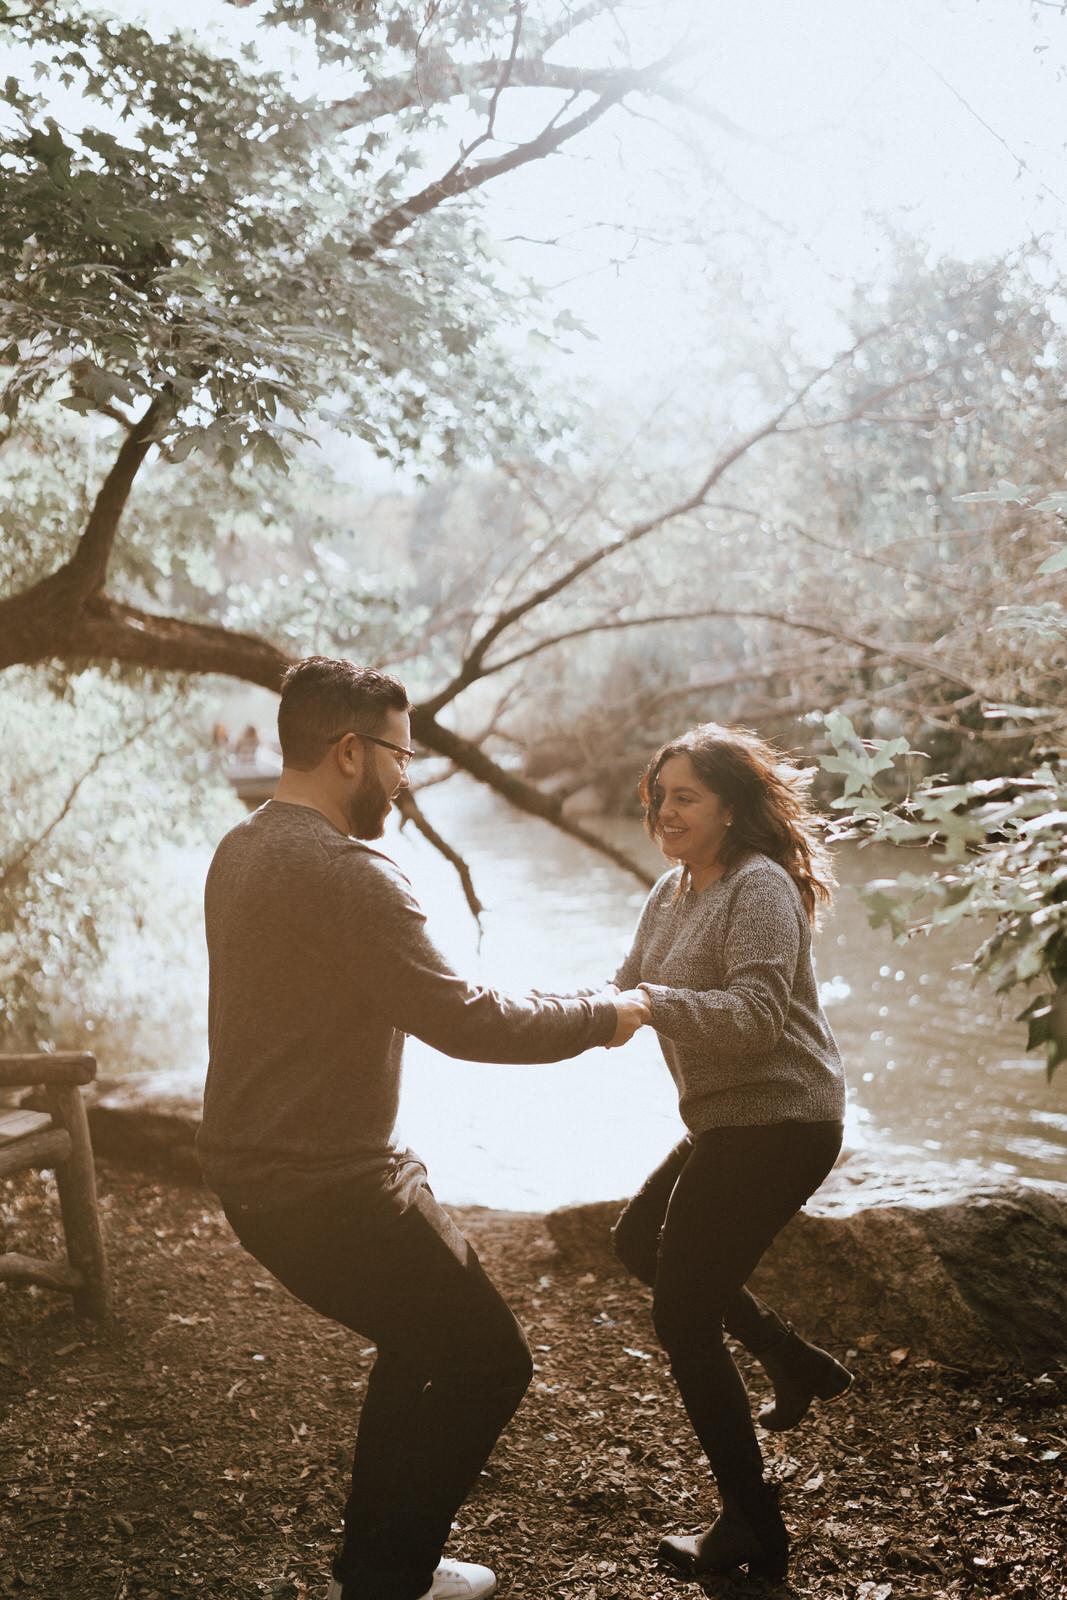 Central Park Engagement Photos-Bow Bridge-Michelle Gonzalez Photography-Alyssa and Cecilio-91.JPG